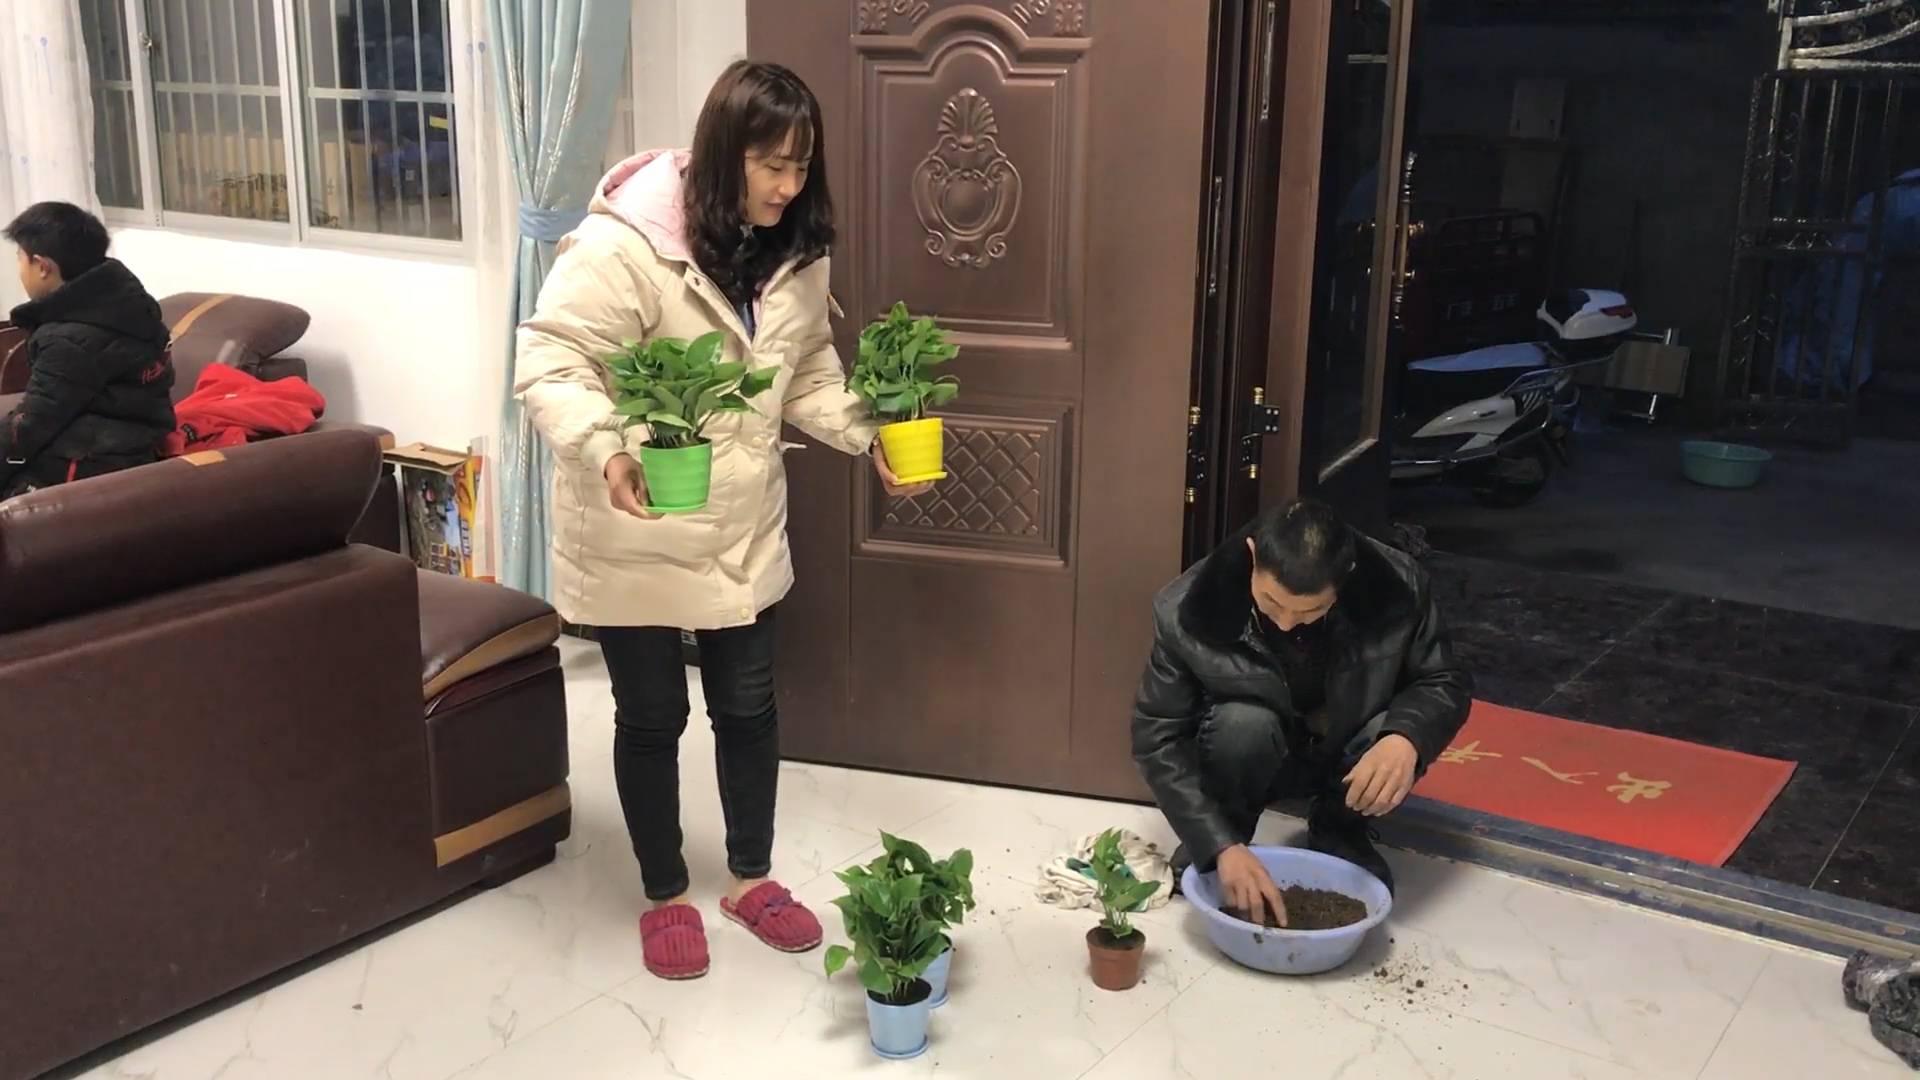 农村公爹网购绿萝,回家把它栽到花盆里,栽好媳妇把它放谁房间了